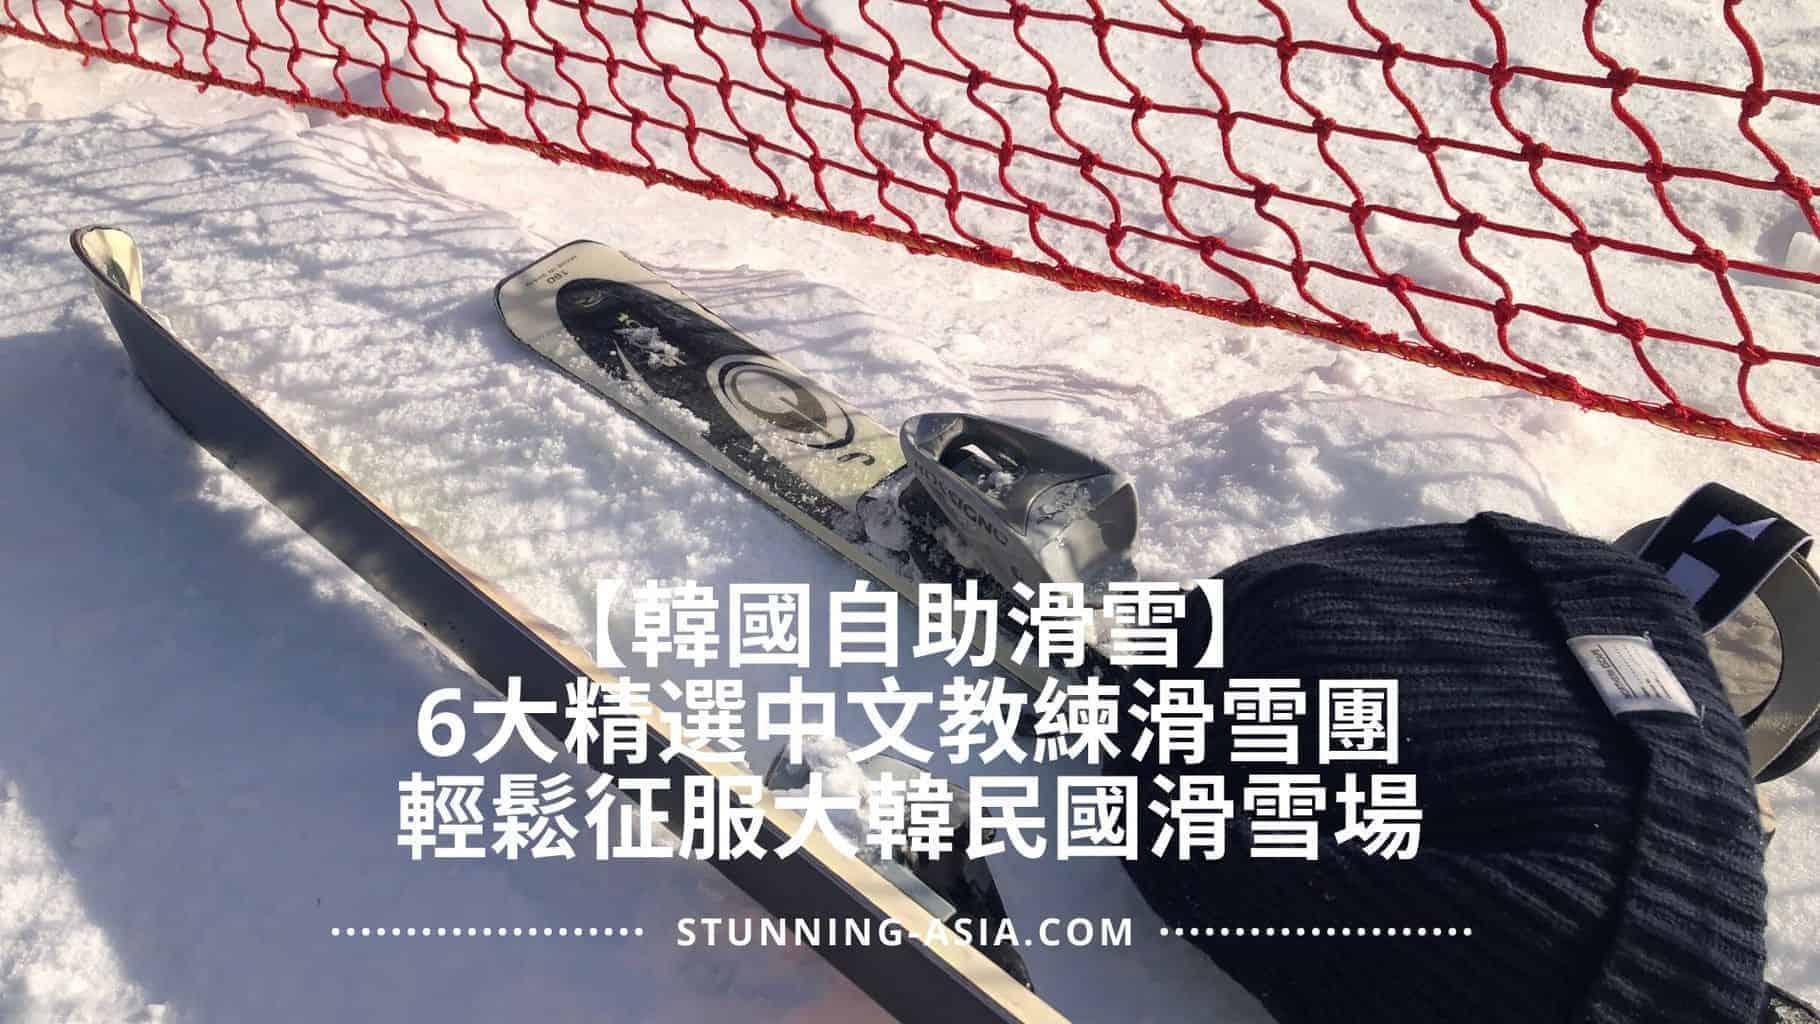 【韓國自助滑雪】講中文OK!6大精選中文教練滑雪團,某滑雪場居然還是韓劇拍攝地!